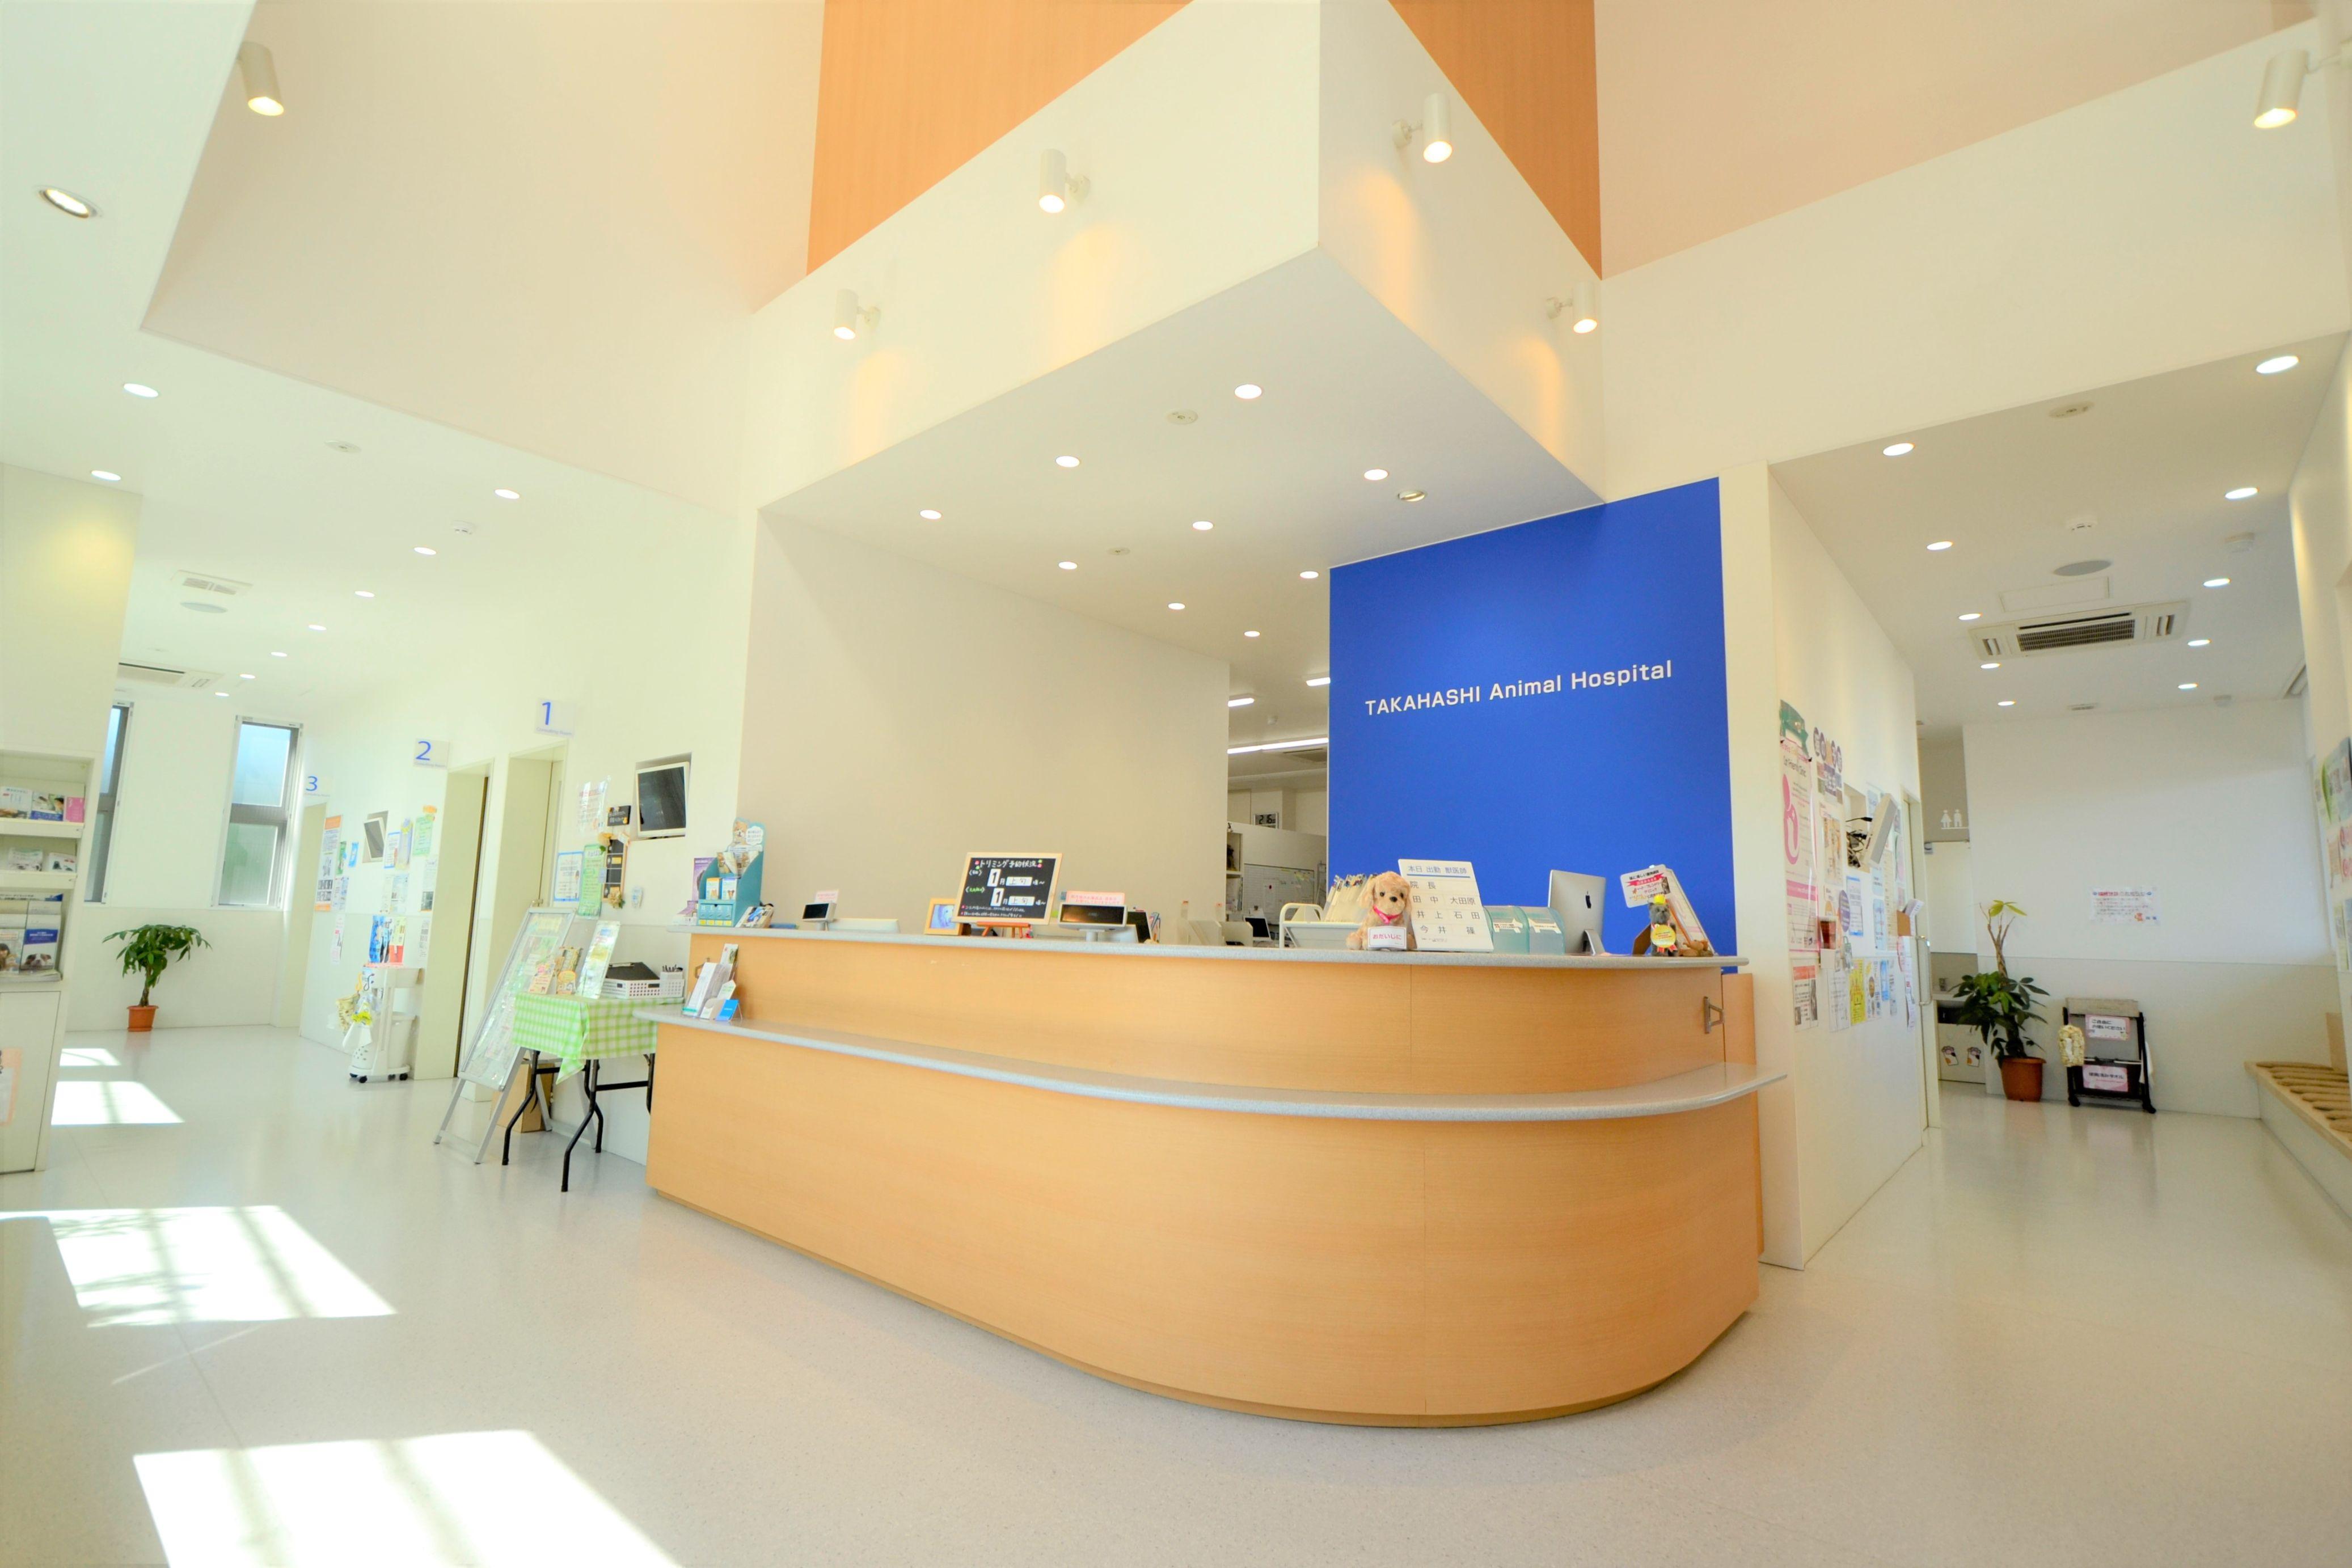 高橋動物病院photo